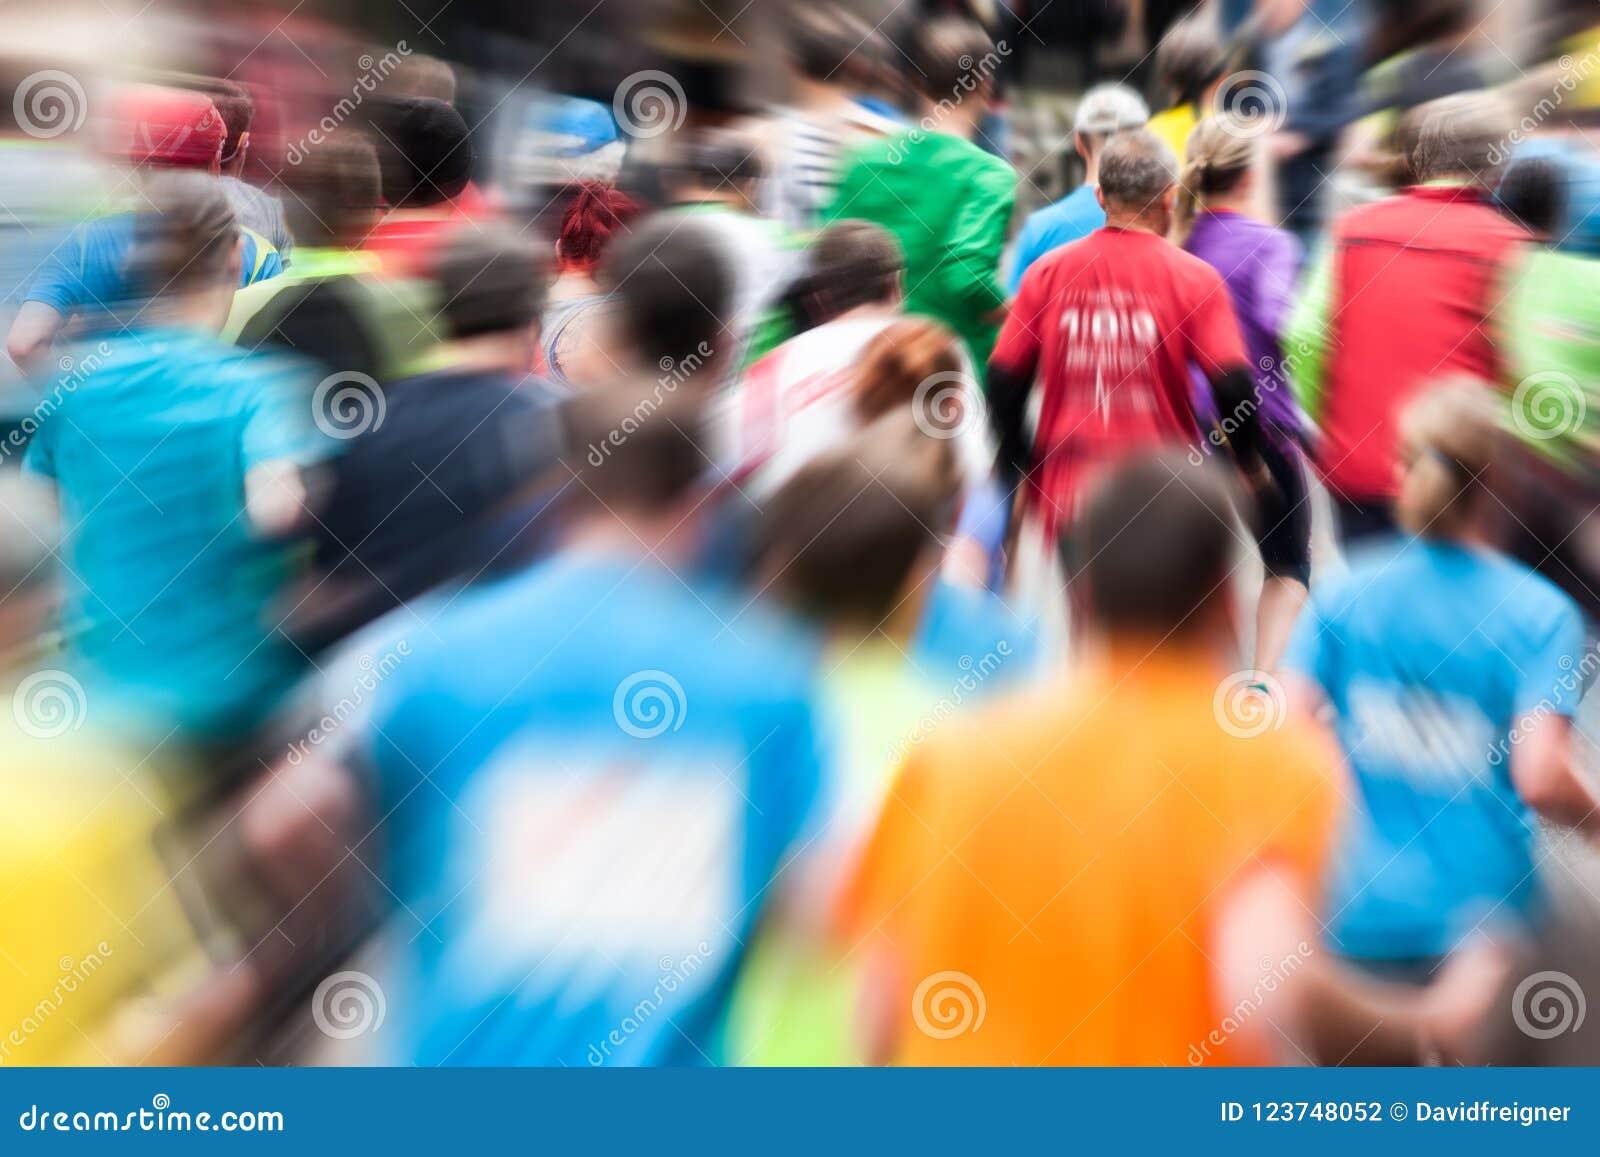 Verschiedene Läufer am Marathon von hinten